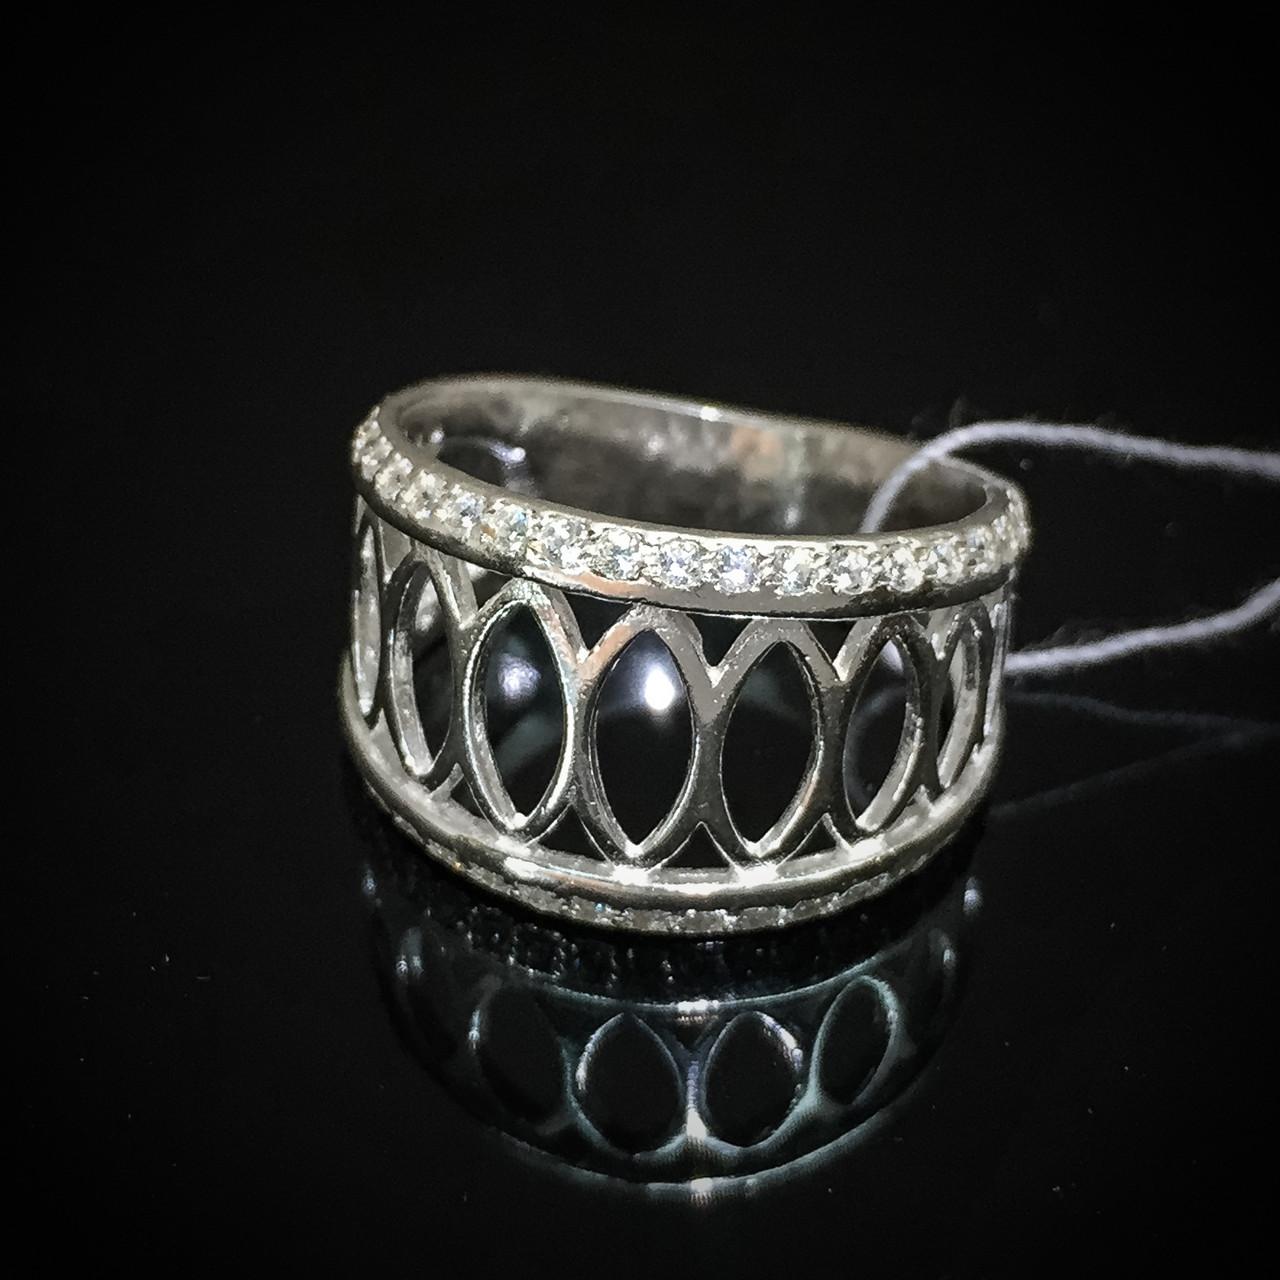 Серебряное женское кольцо с 44-мя прозрачными фианитами